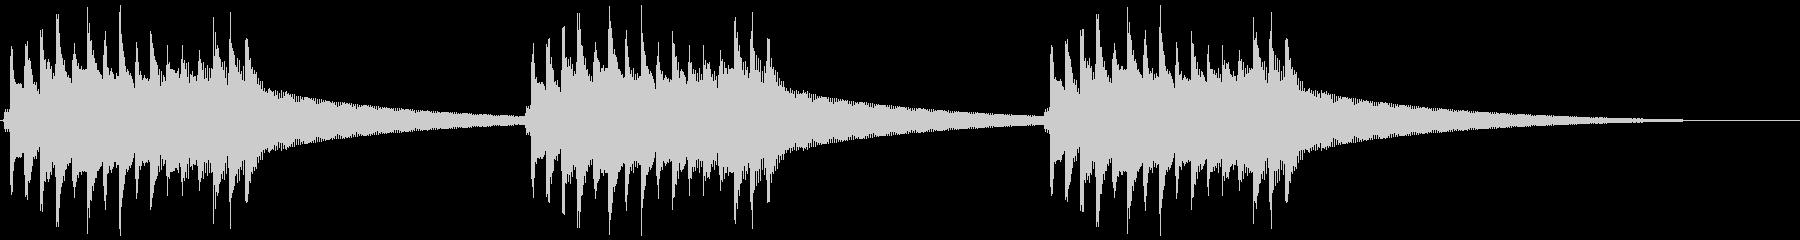 レトロ電話ベル 呼び鈴②の未再生の波形